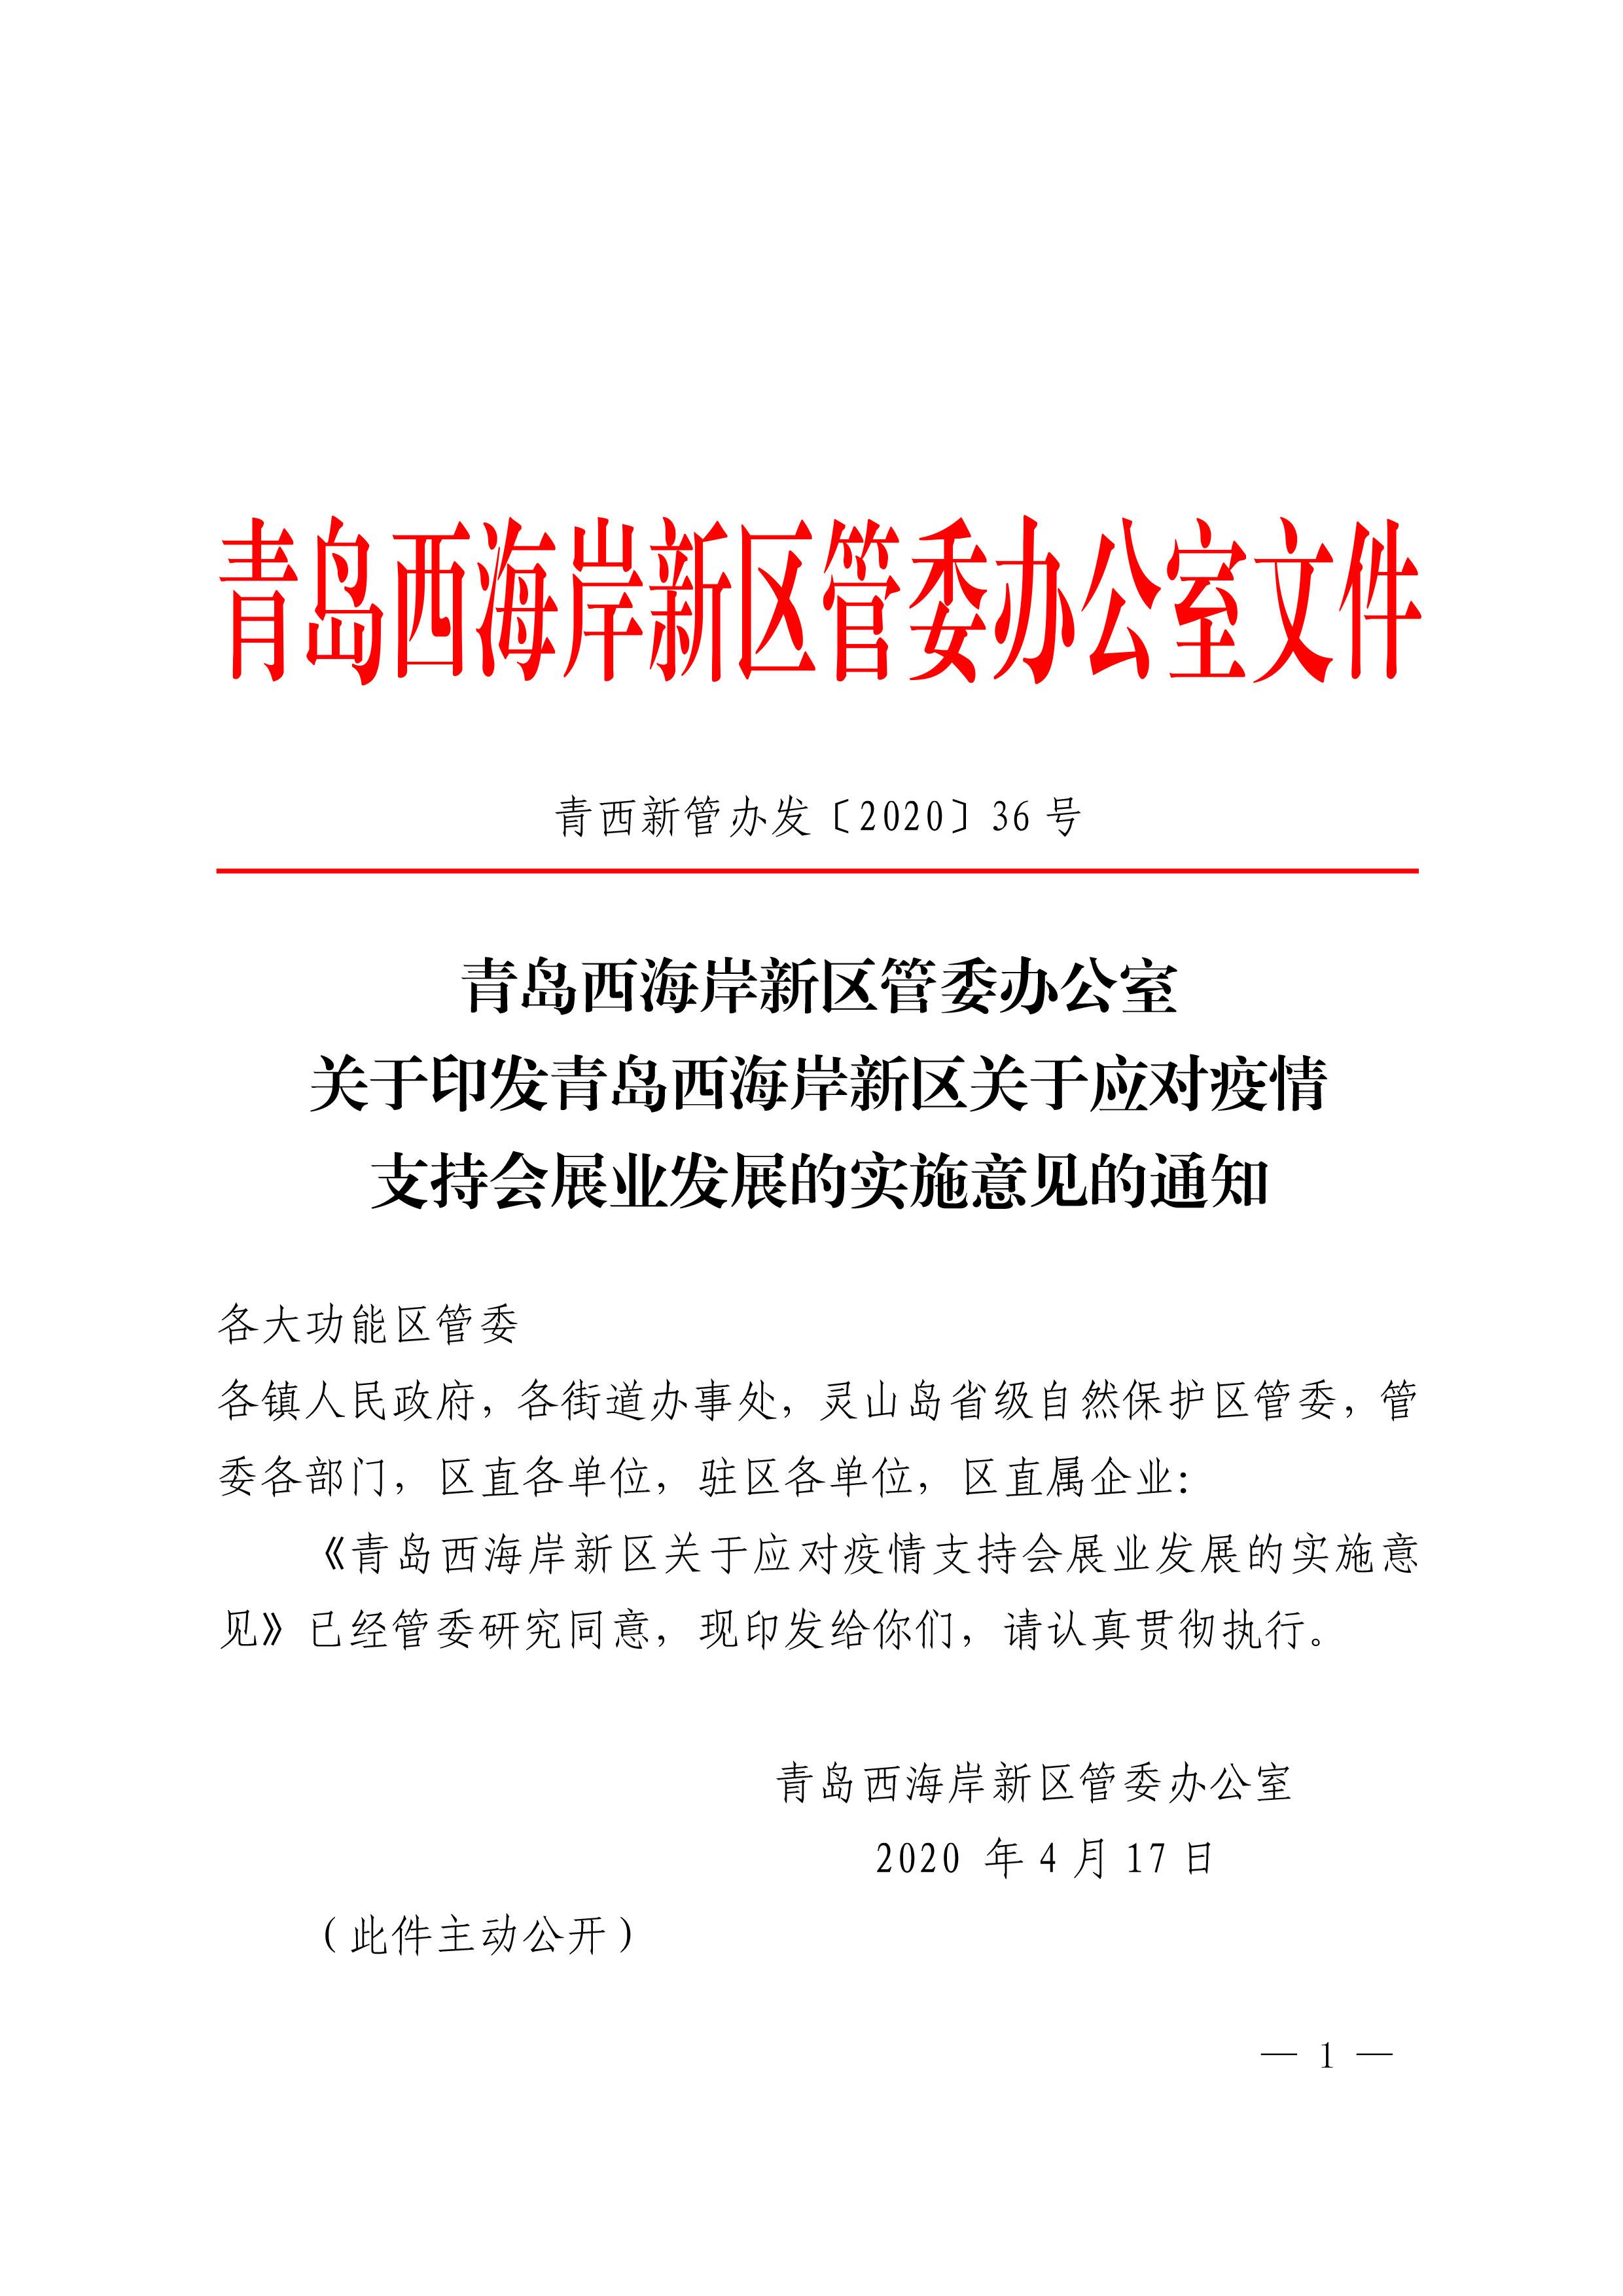 《青岛西海岸新区关于应对疫情支持会展业发展的实施意见》第1页